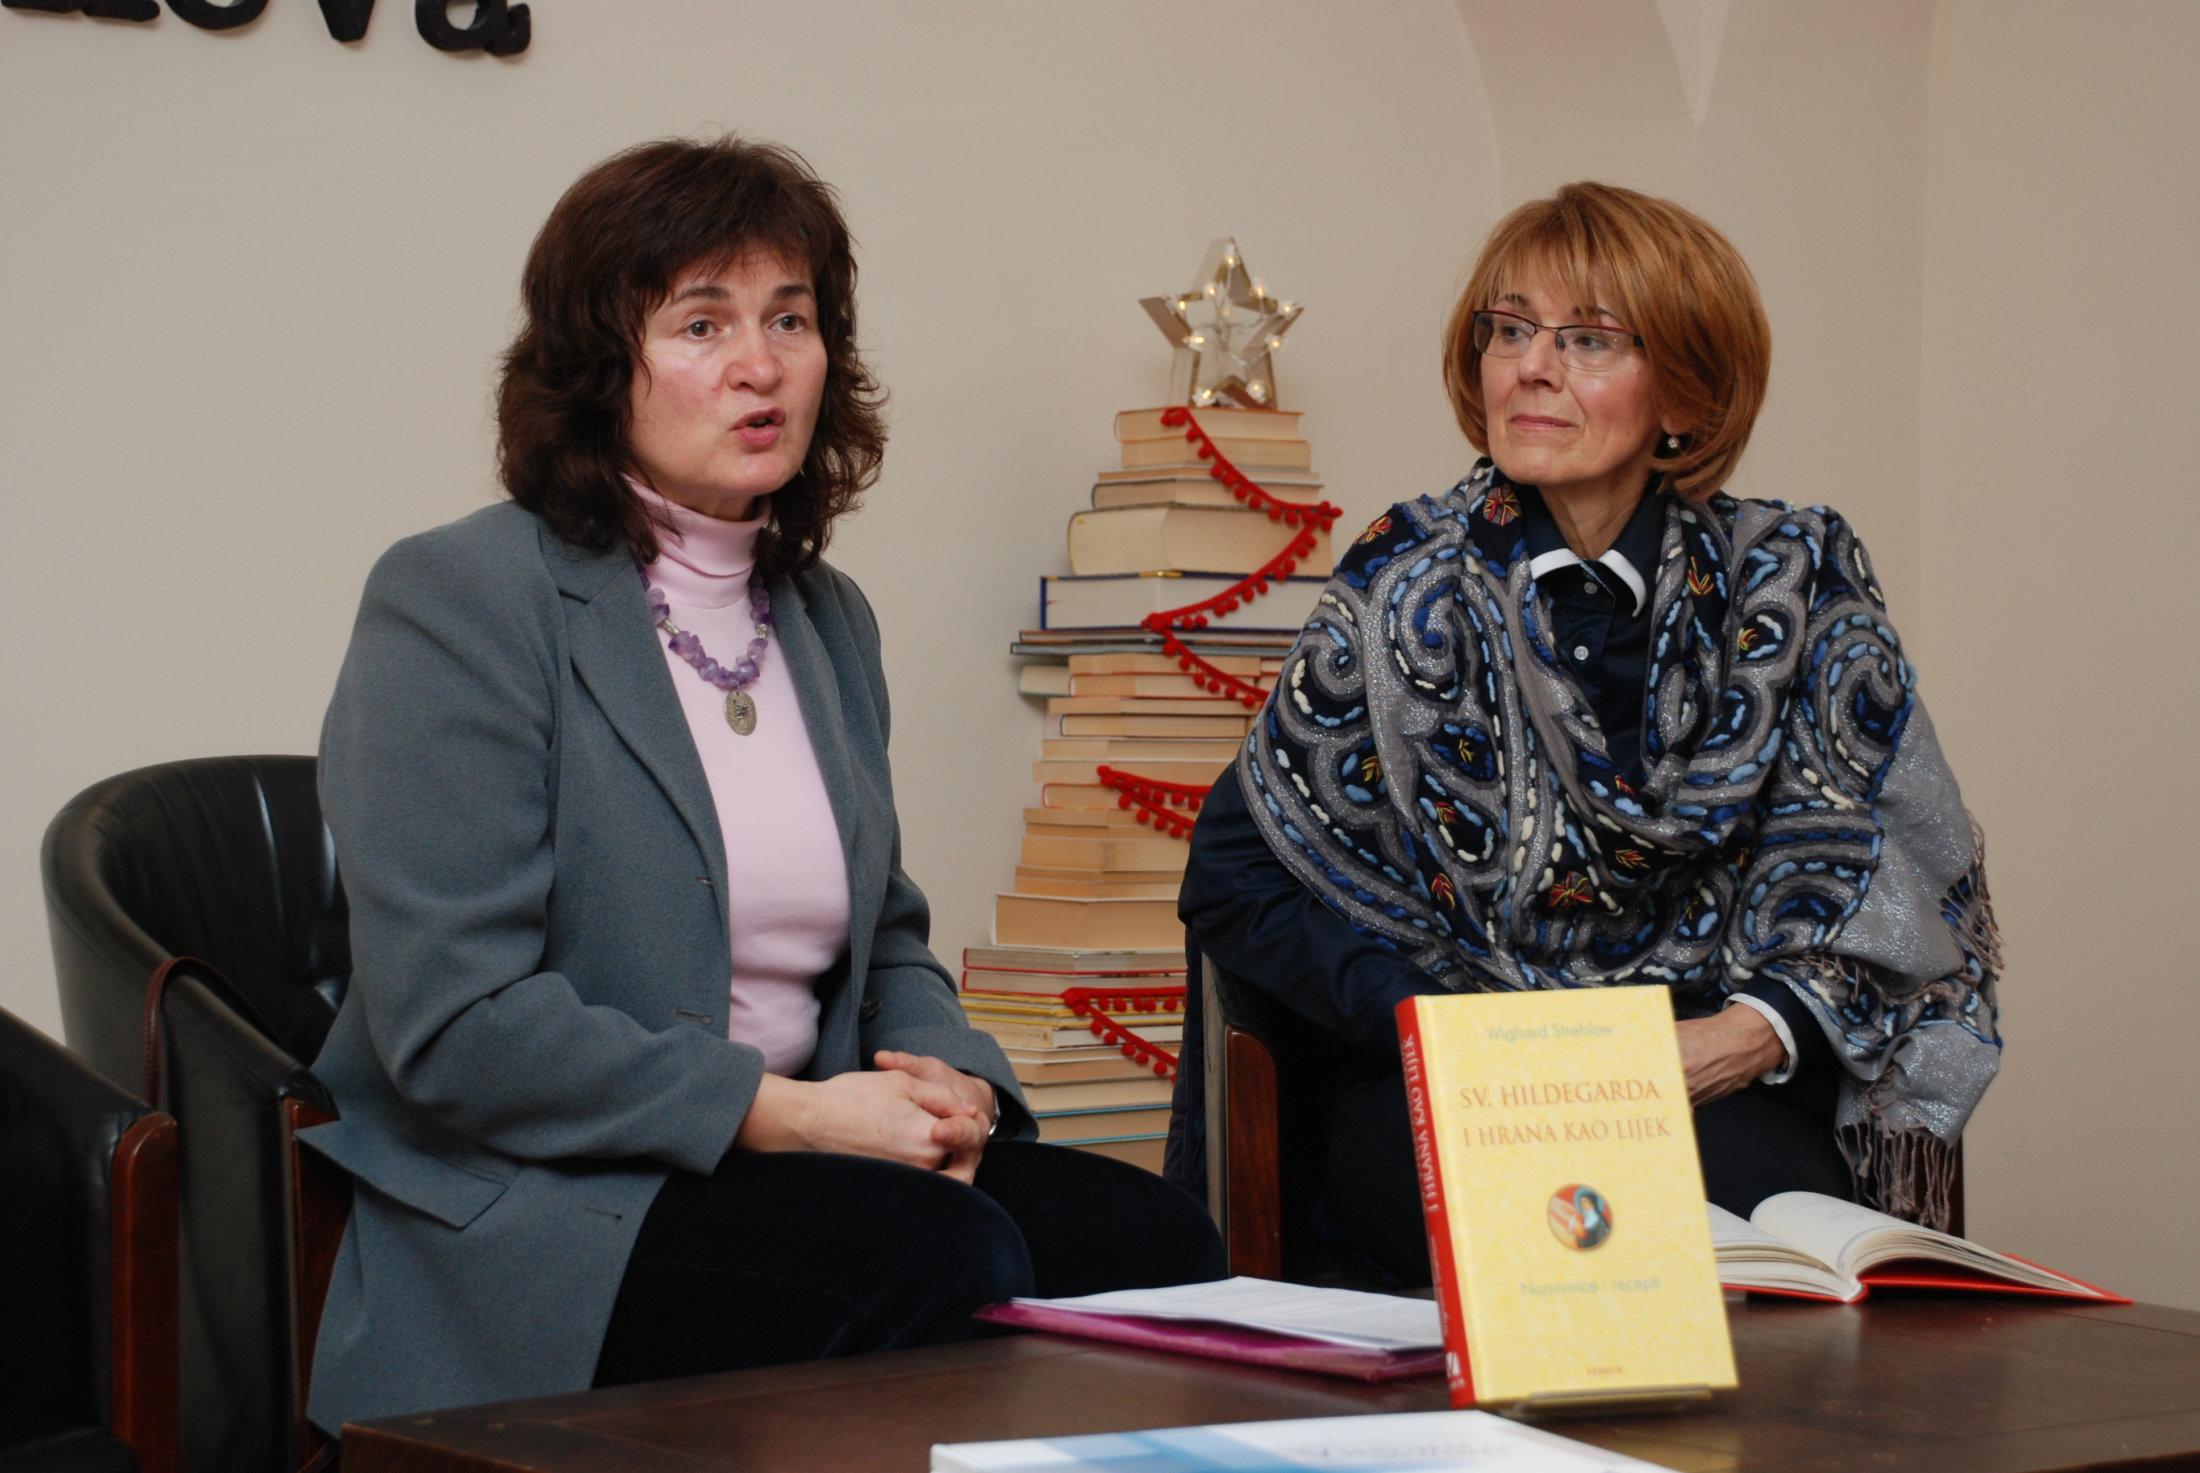 V.Bartolović I M.Goll Na Adv. UKI-jevom Susretu,23.12.19., Osijek